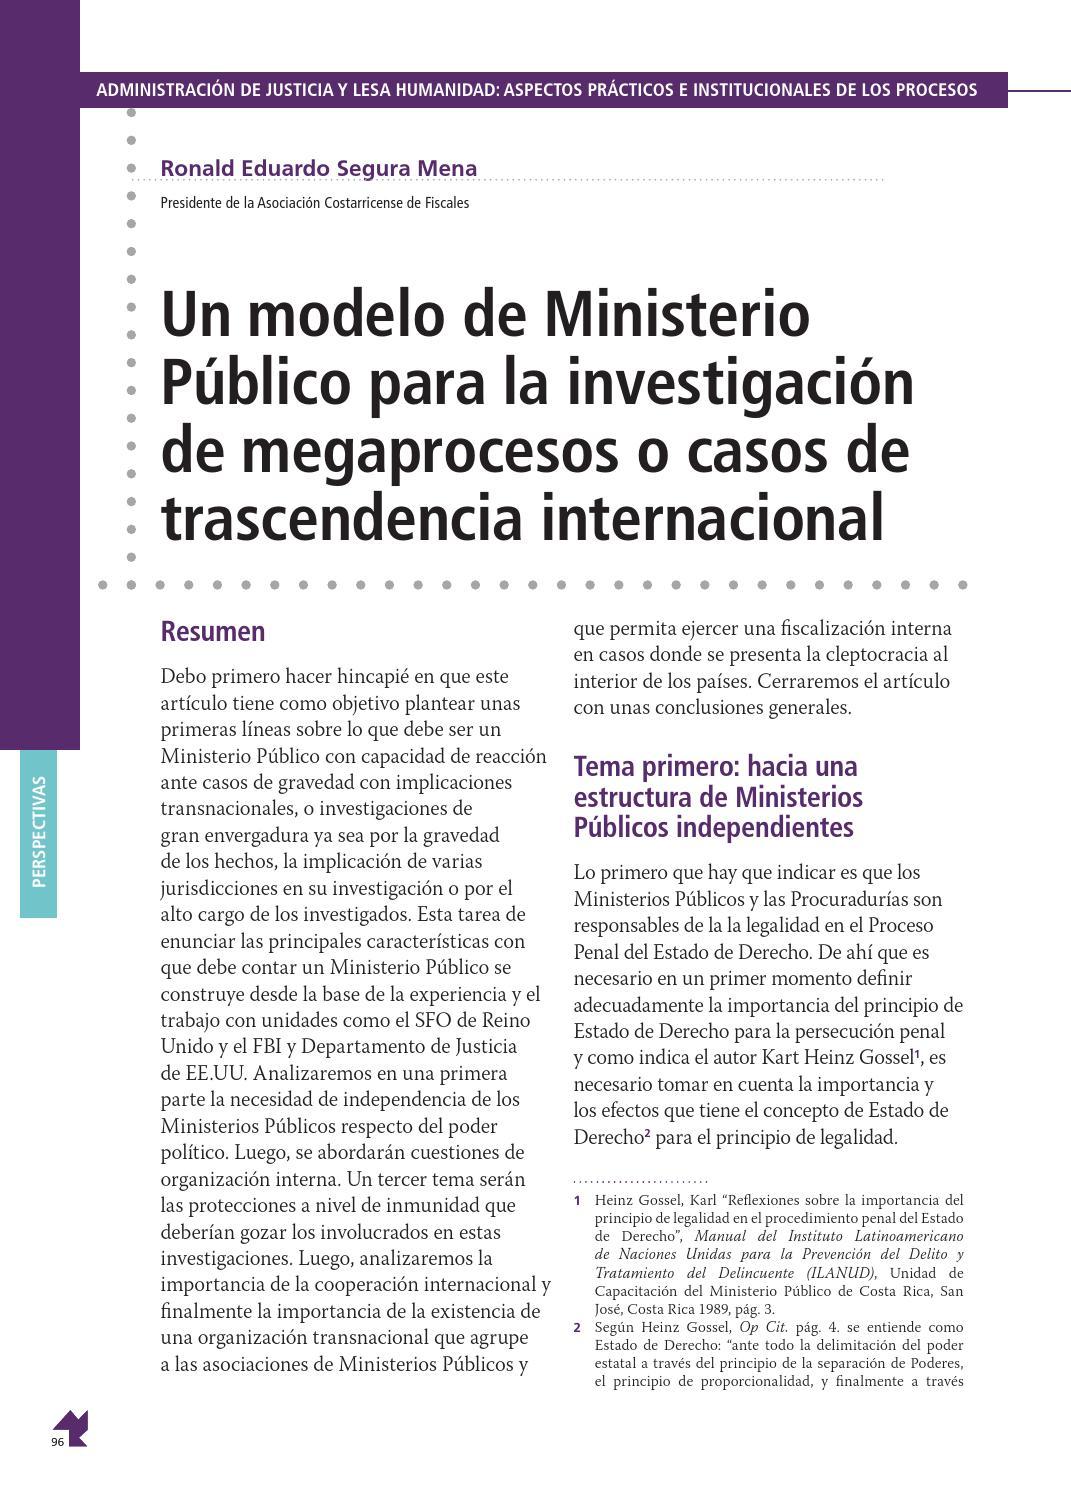 Un Modelo De Ministerio Público Para La Investigación De